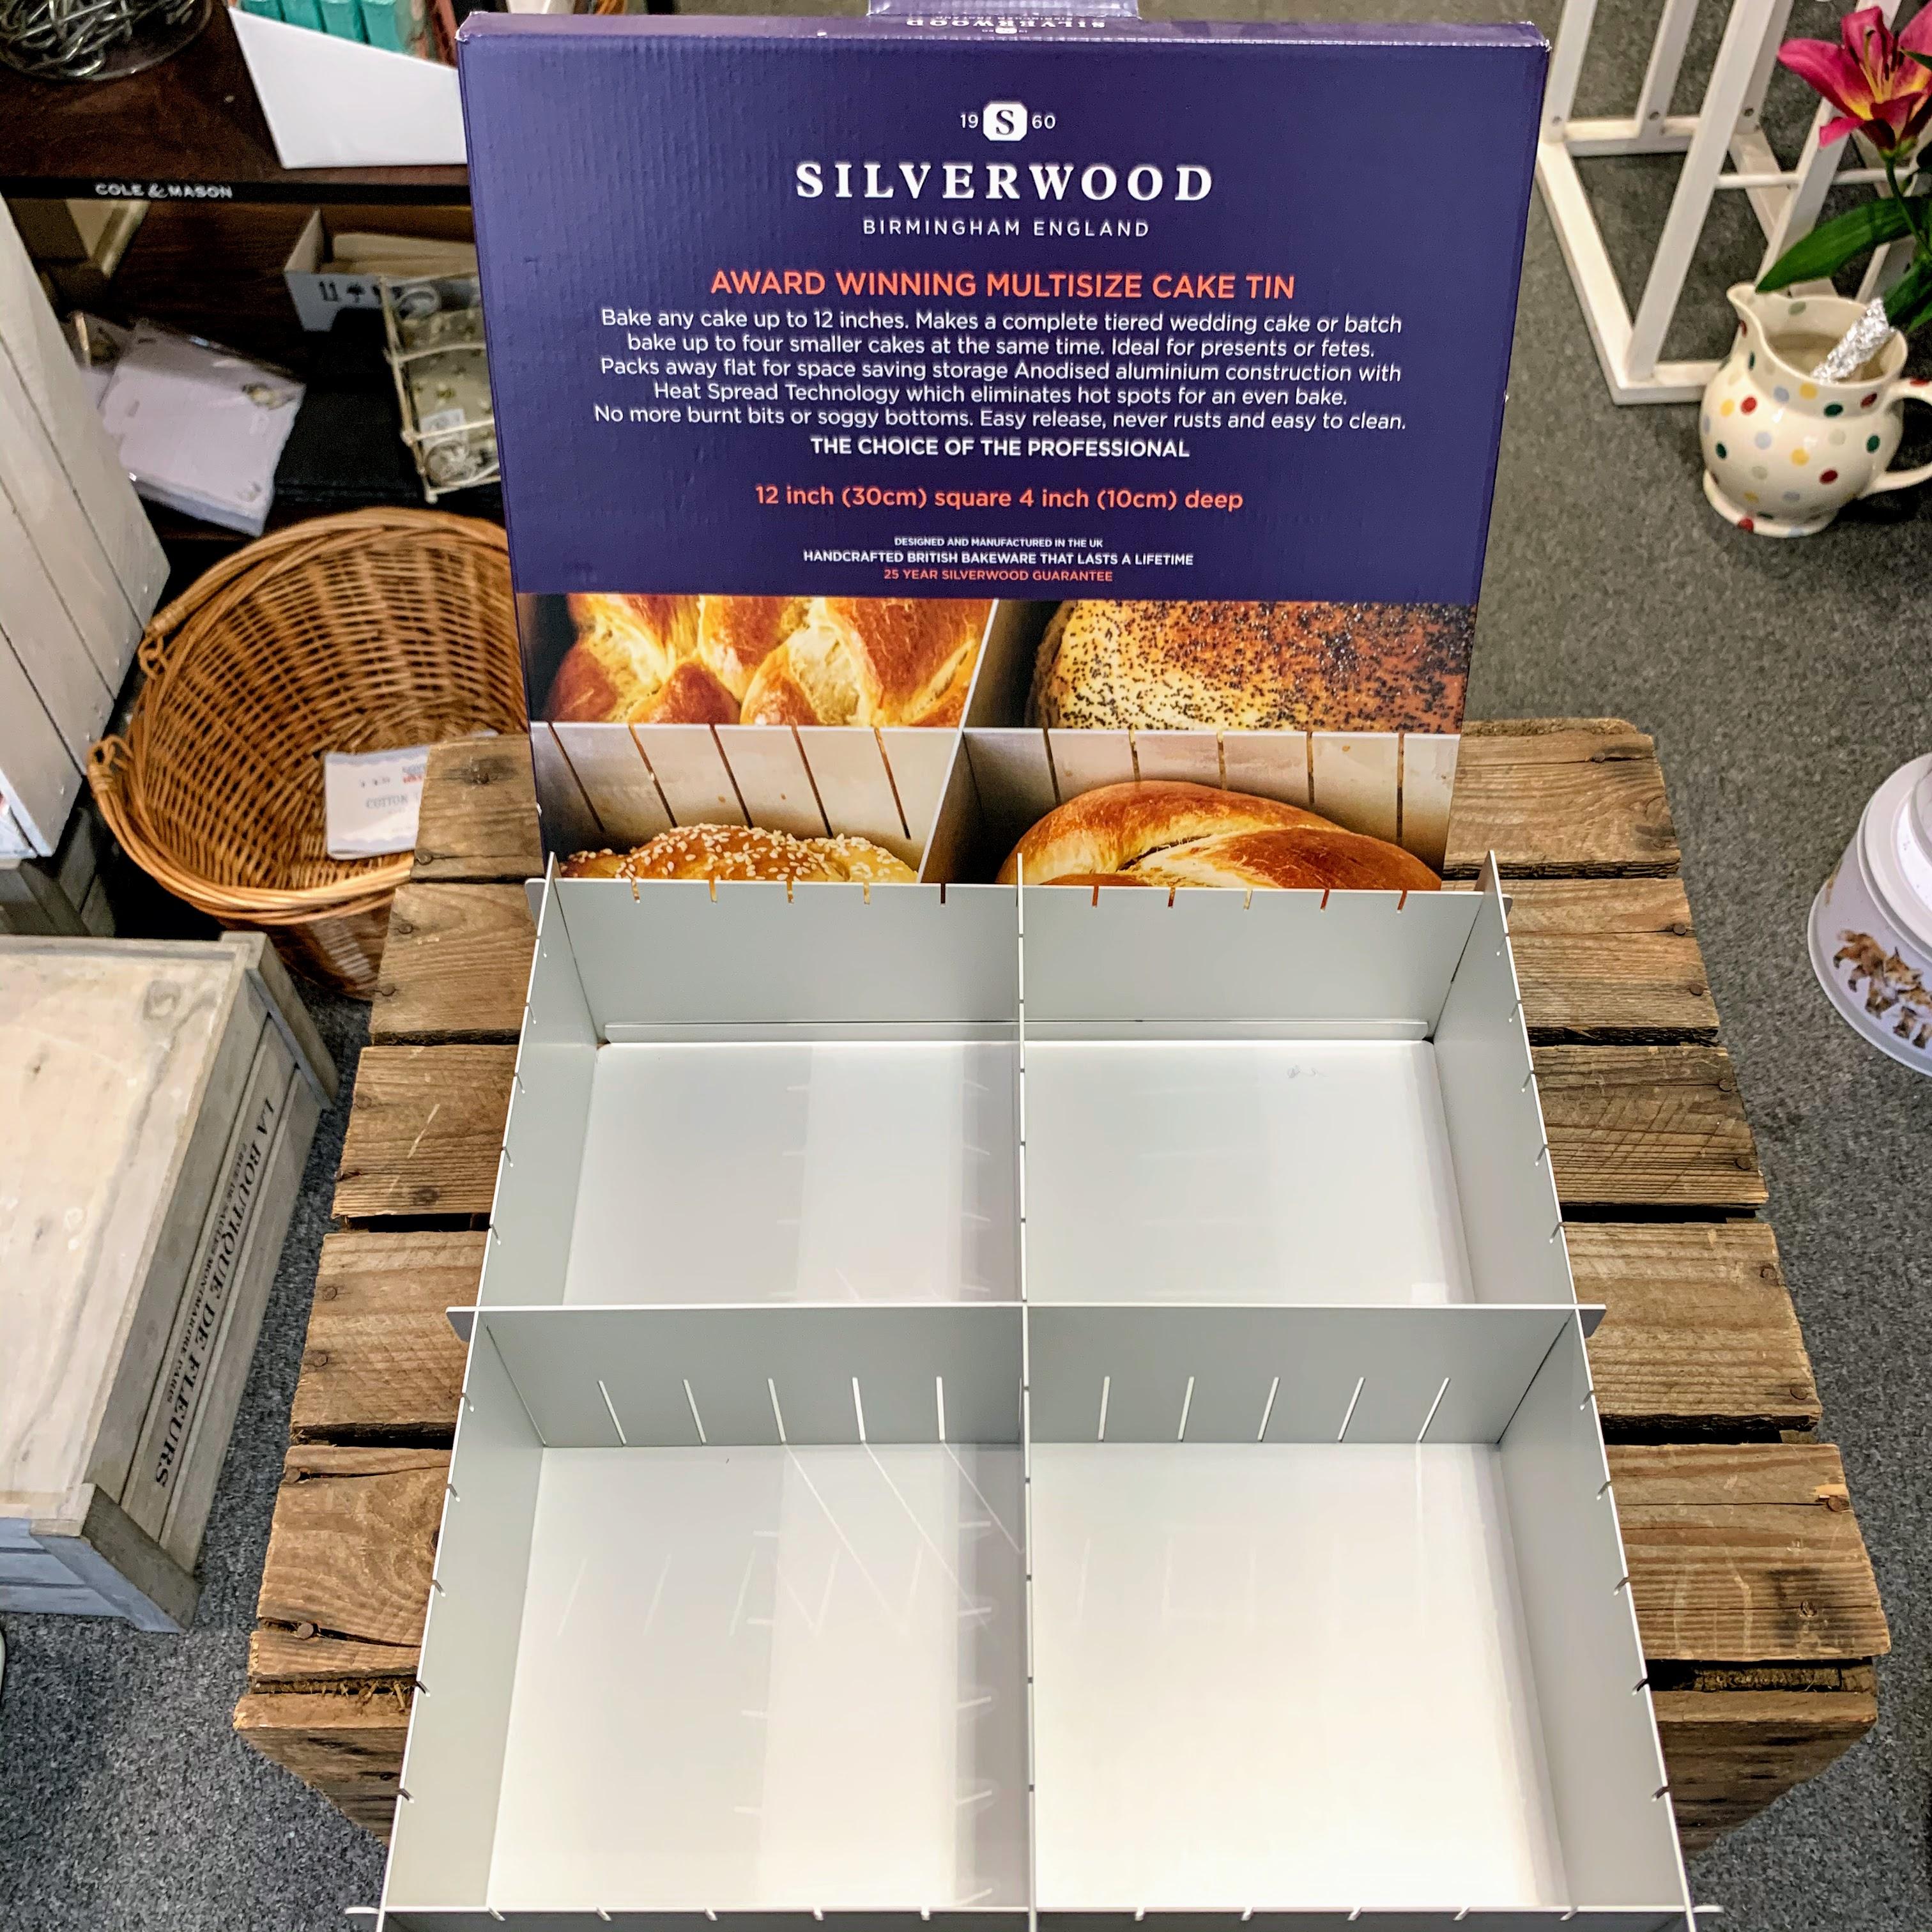 Silverwood MultiSize Cake Tin